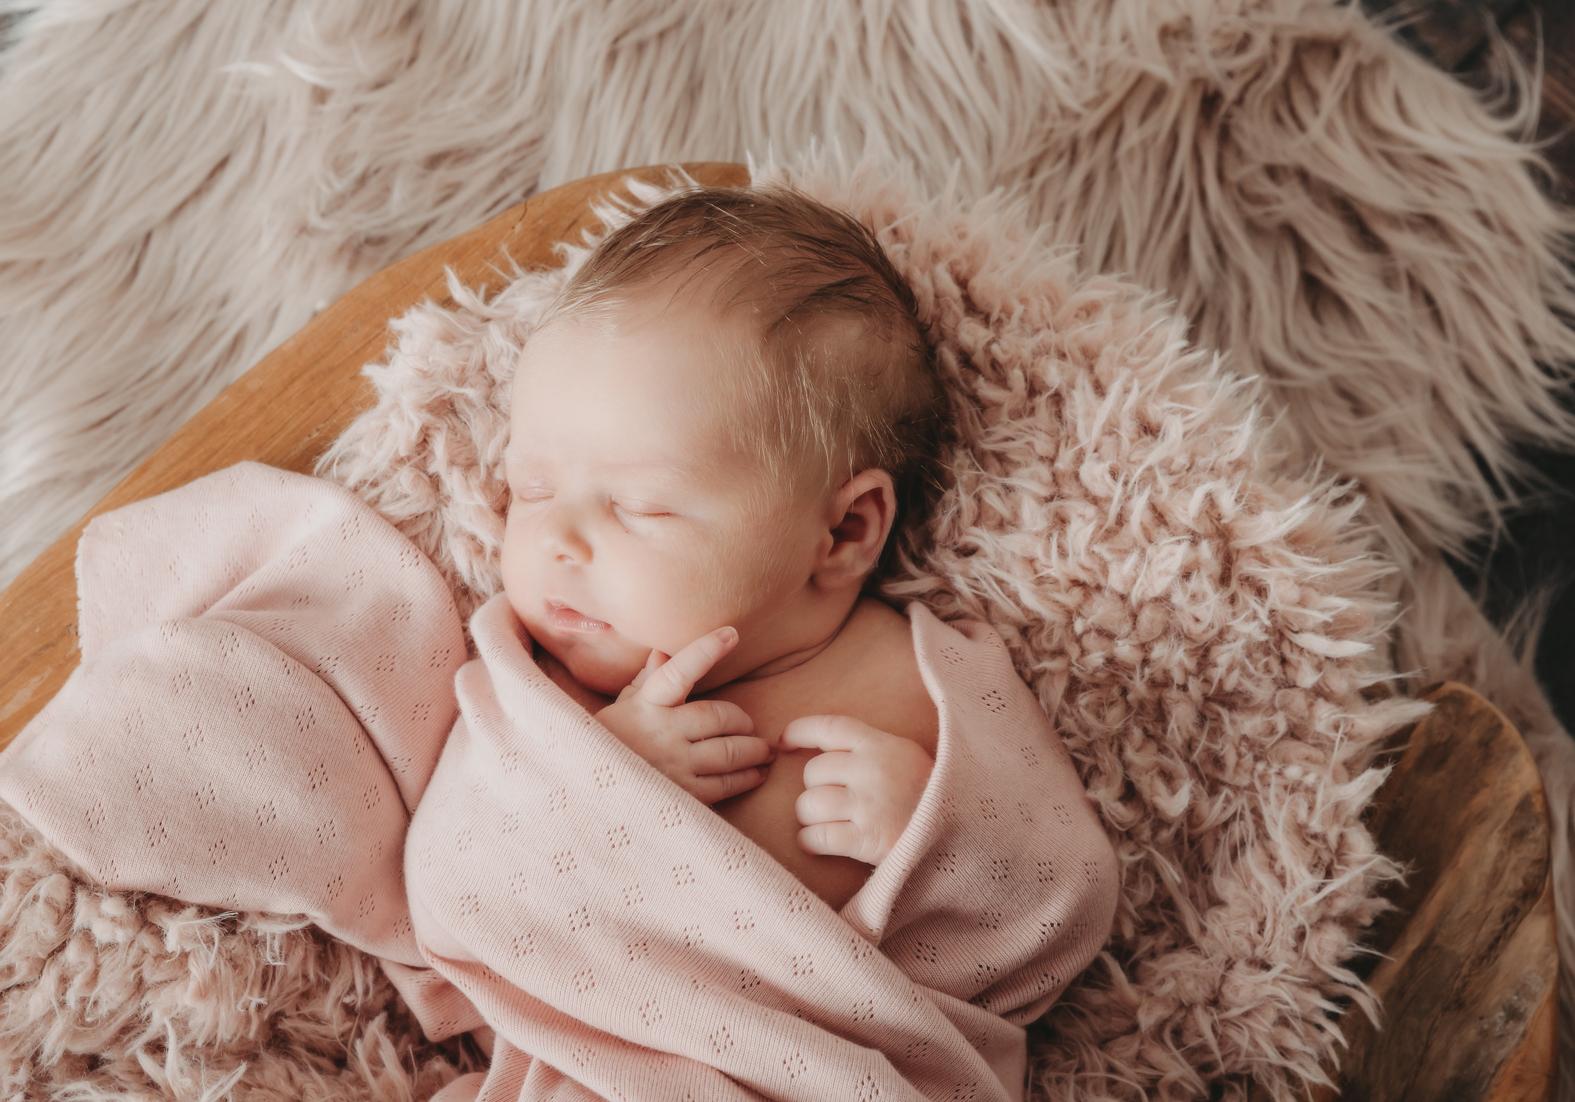 Neugeborenenfotografie, Newbornbaby, Fotografin Nordenham, Babyfotografie, Kinderfotos, emotionale Babyfotografie, natürliche Babyfotografie